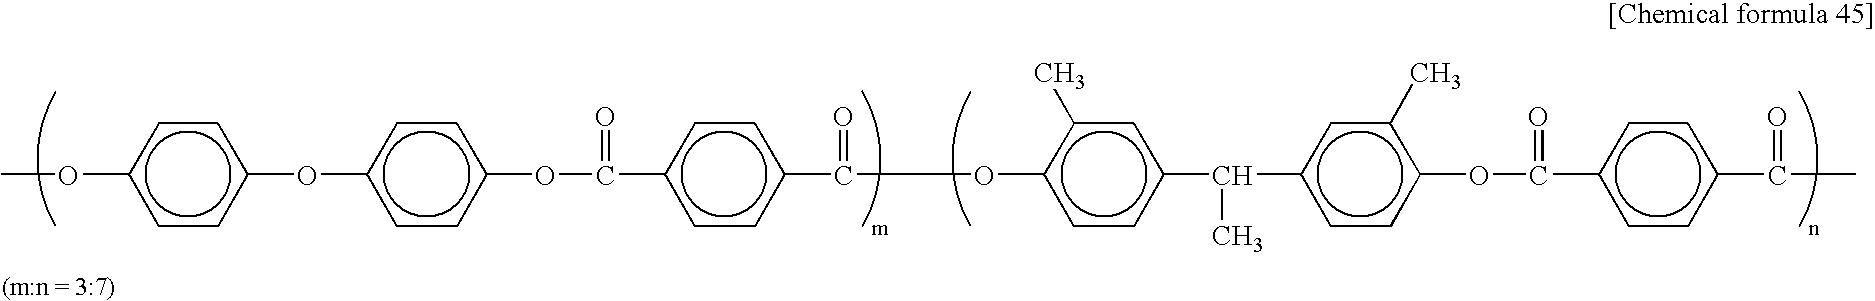 Figure US07604913-20091020-C00037